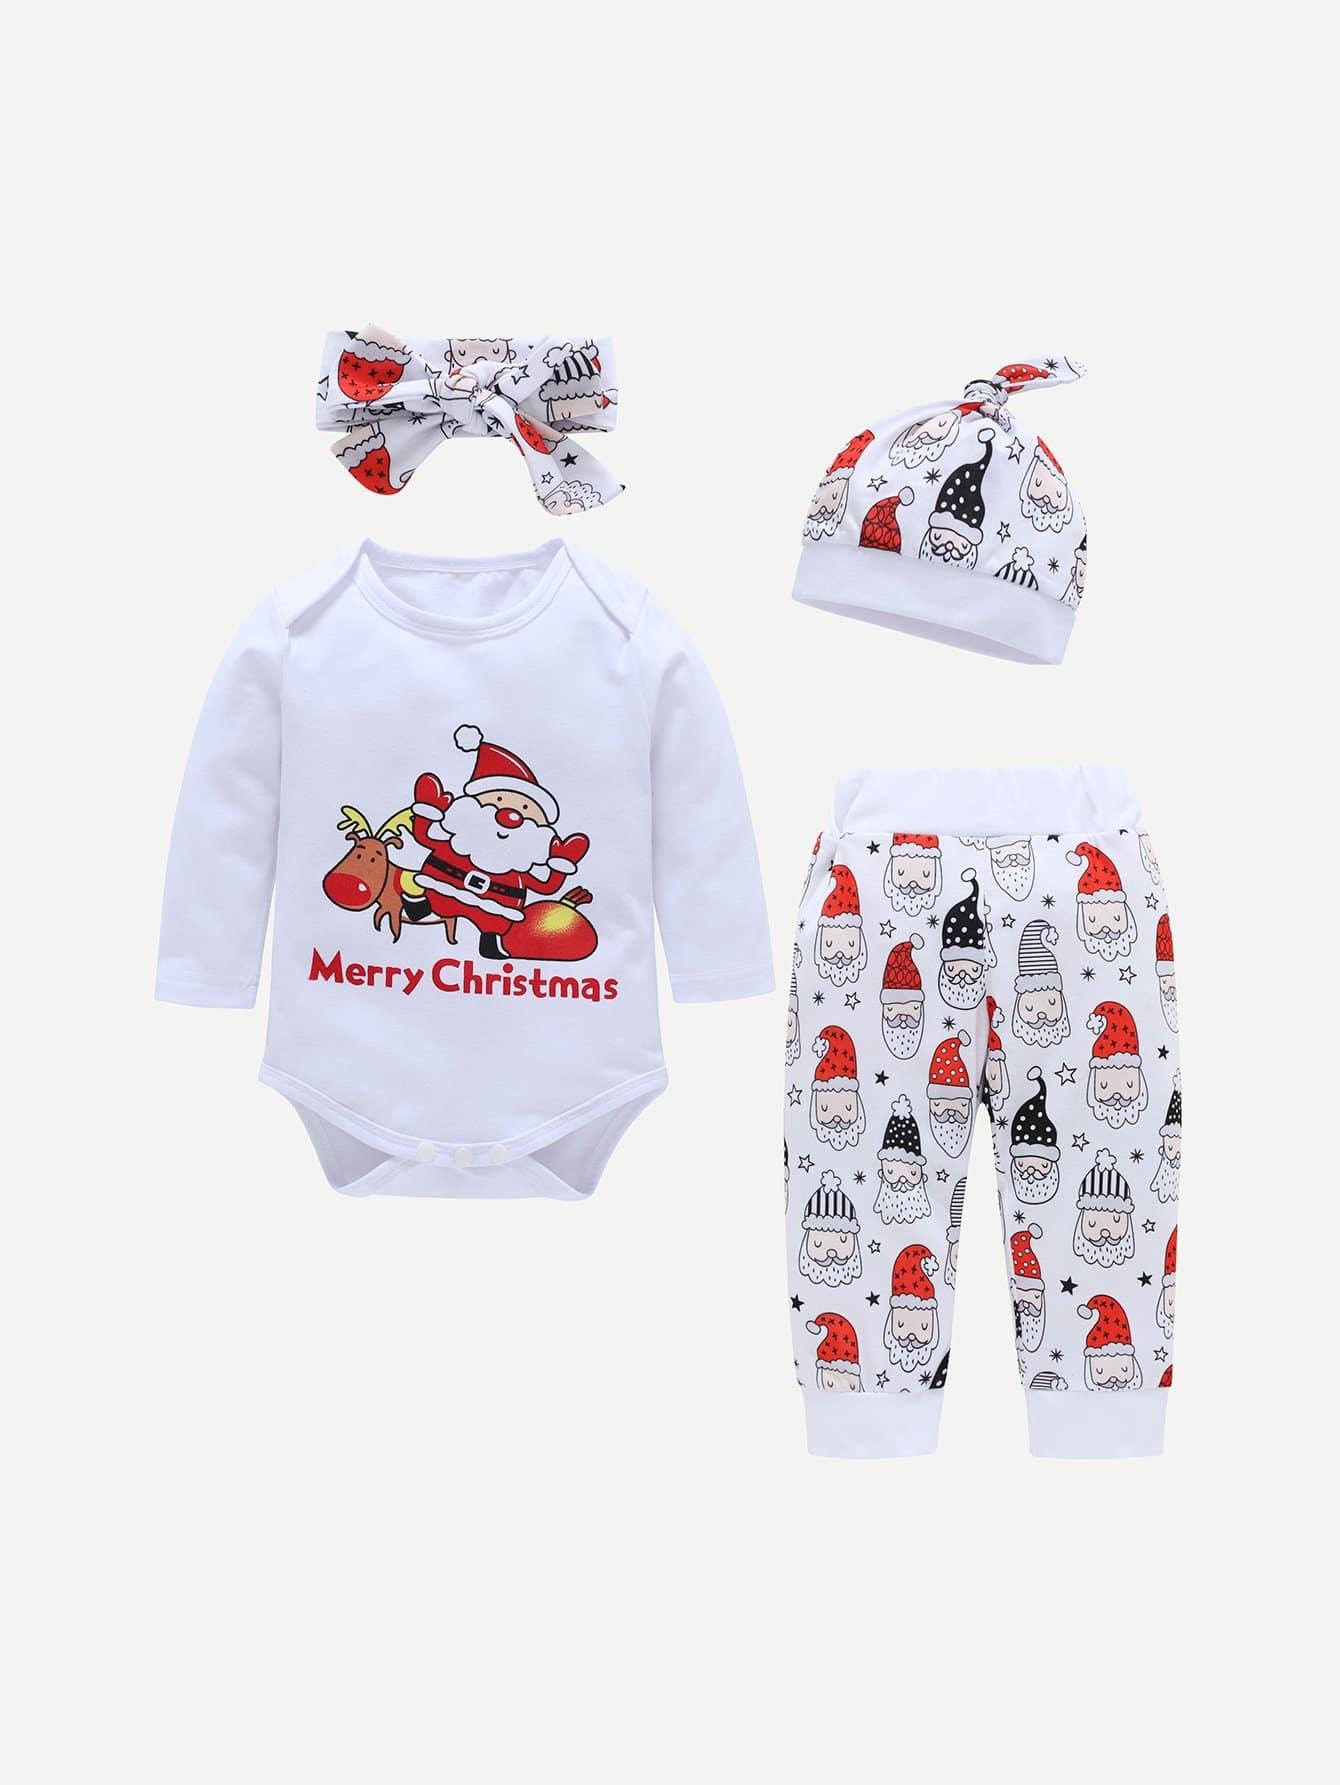 Купить Комбинезон с принтом рождества и брюки и шлапка и бандана для плода мужского рода, null, SheIn